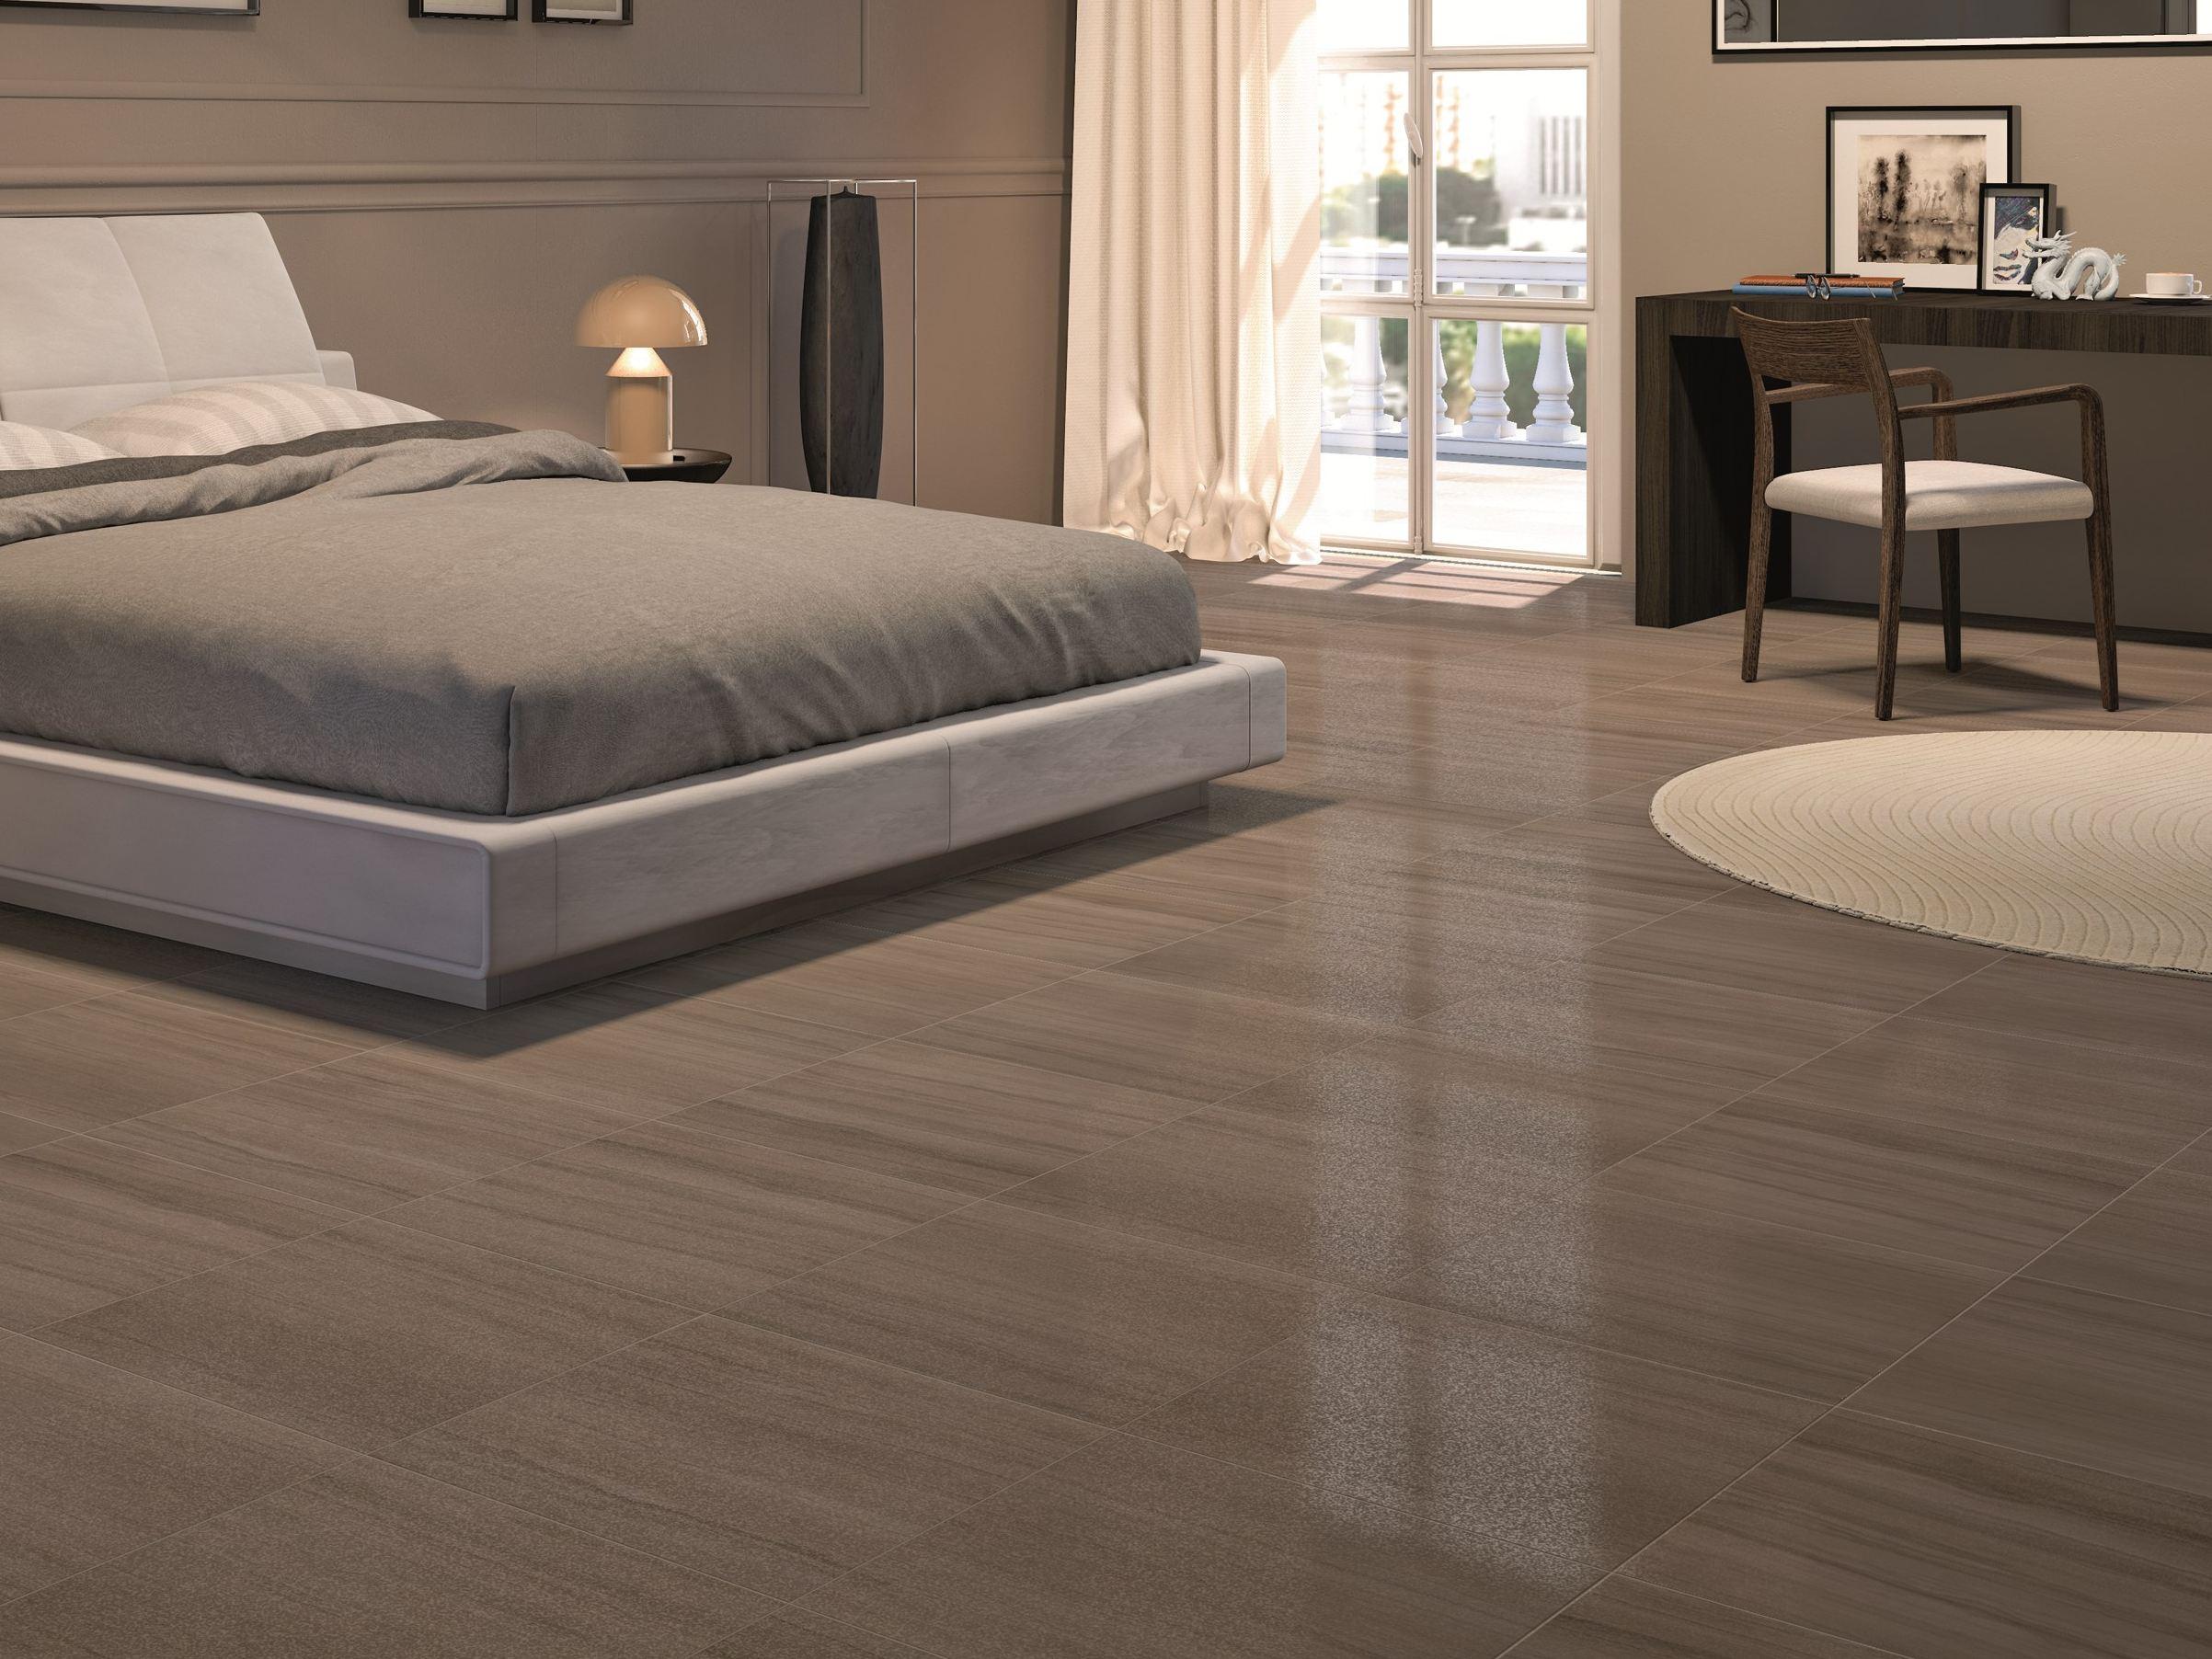 Pavimento in ceramica il comfort a casa - Nuovi pavimenti per interni ...